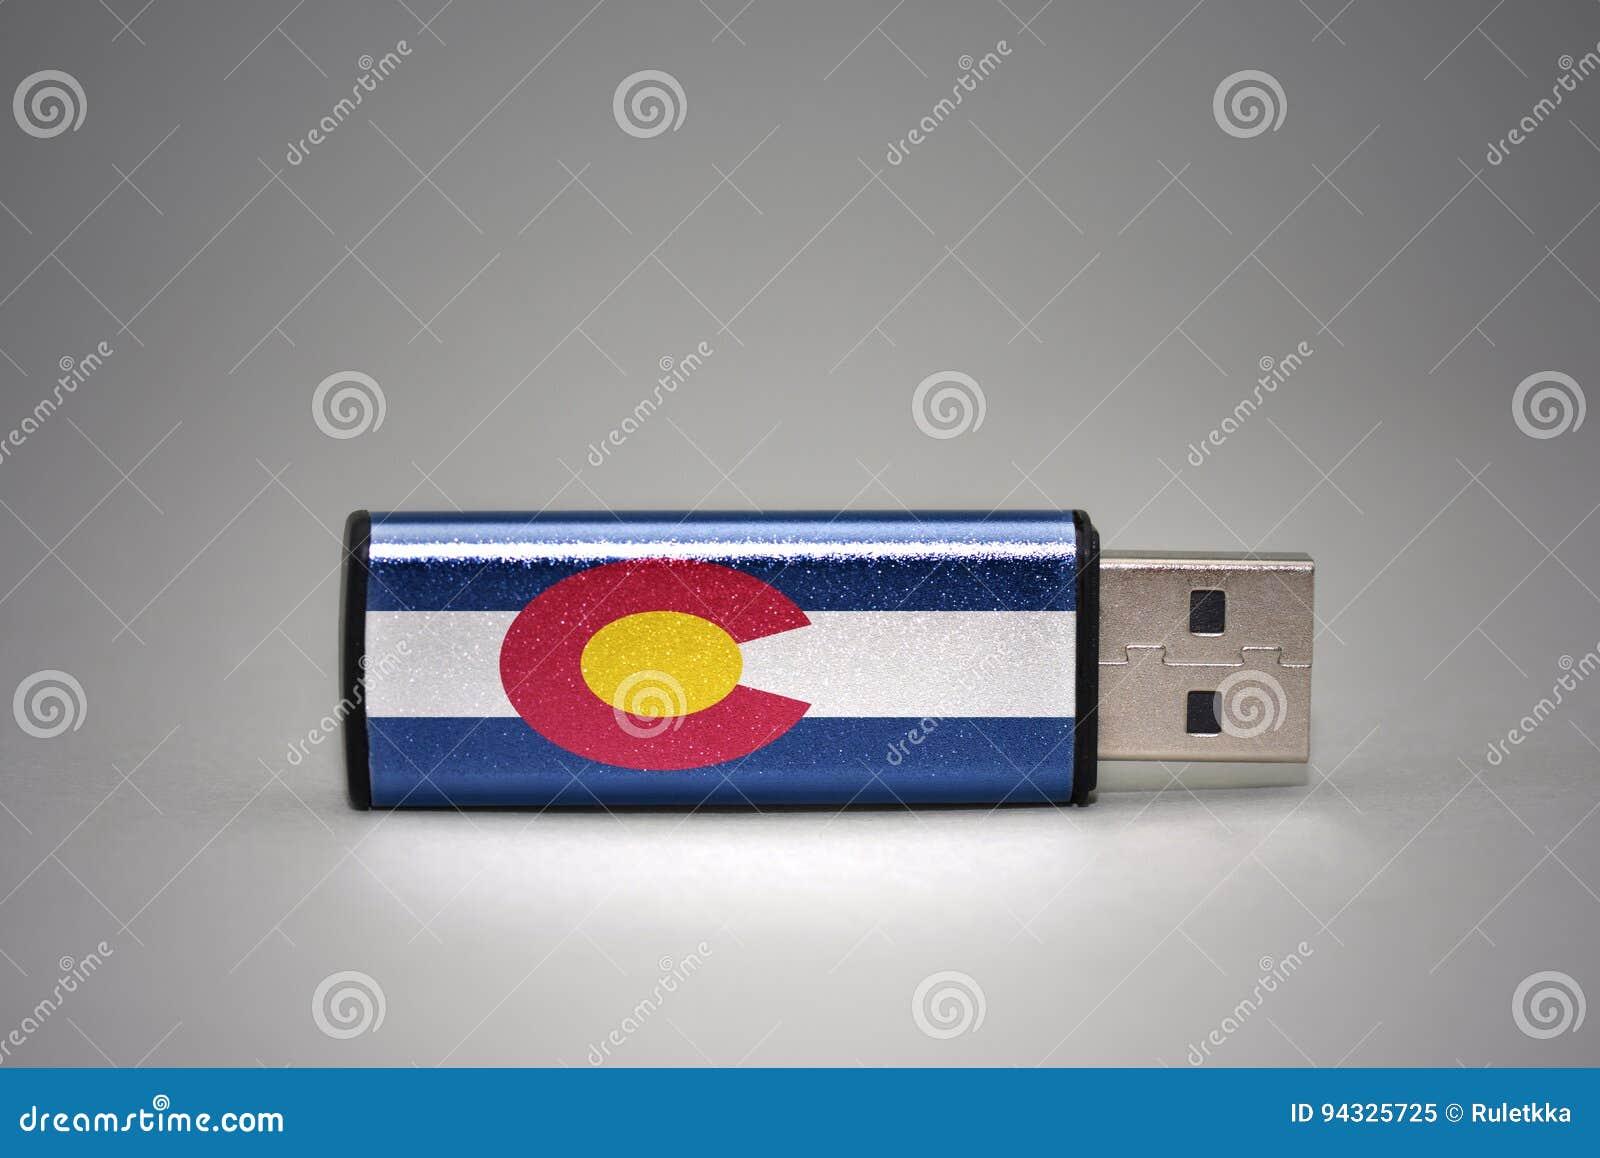 Usb-exponeringsdrev med den colorado statflaggan på grå bakgrund